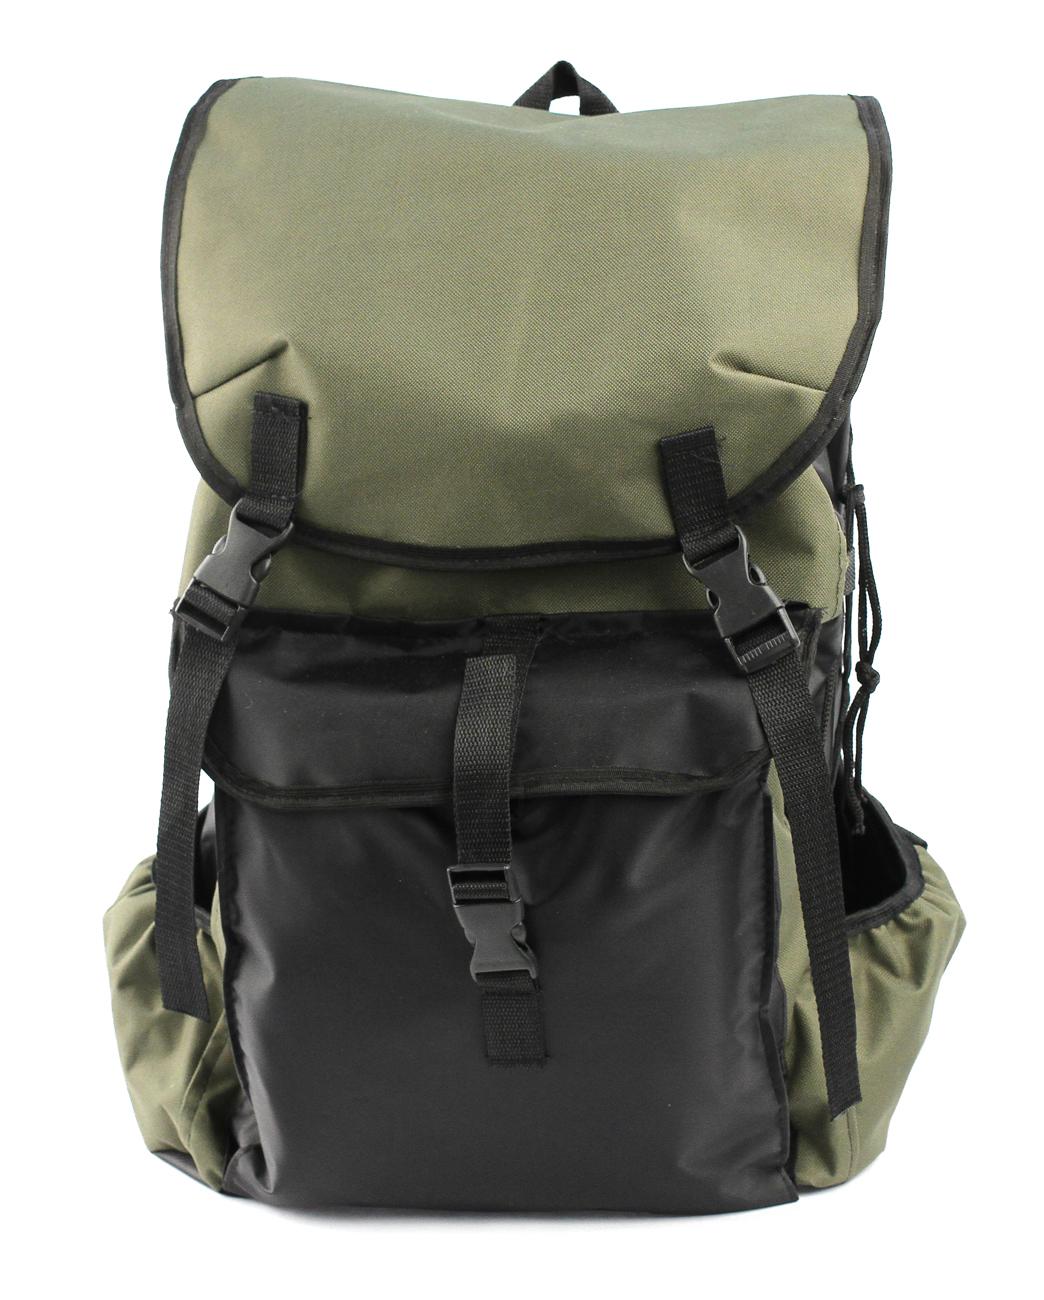 Рюкзак Рыбалка 80 литровРюкзаки<br>Недорогой практичный рюкзак РЫБАЛКА выполнен <br>из ткани оксфорд 600D с водоотталкивающей <br>пропиткой, которая защищает от осадков <br>и облегчает чистку изделия. Упрощенная <br>конструкция имеет один основной отсек, <br>горловина которого утягивается шнуром <br>и фиксируется при помощи кулиски. Для максимальной <br>защиты рюкзак закрывается откидным клапаном <br>с фиксацией на два ремешка с фастексами. <br>Извне имеются три накладных карман. По бокам <br>предусмотрена шнуровка для утяжки. Анатомическая <br>прокладка на спинке. Плечевые лямки регулируются <br>по росту. Подходит для охоты, рыбалки и активного <br>отдыха.<br>